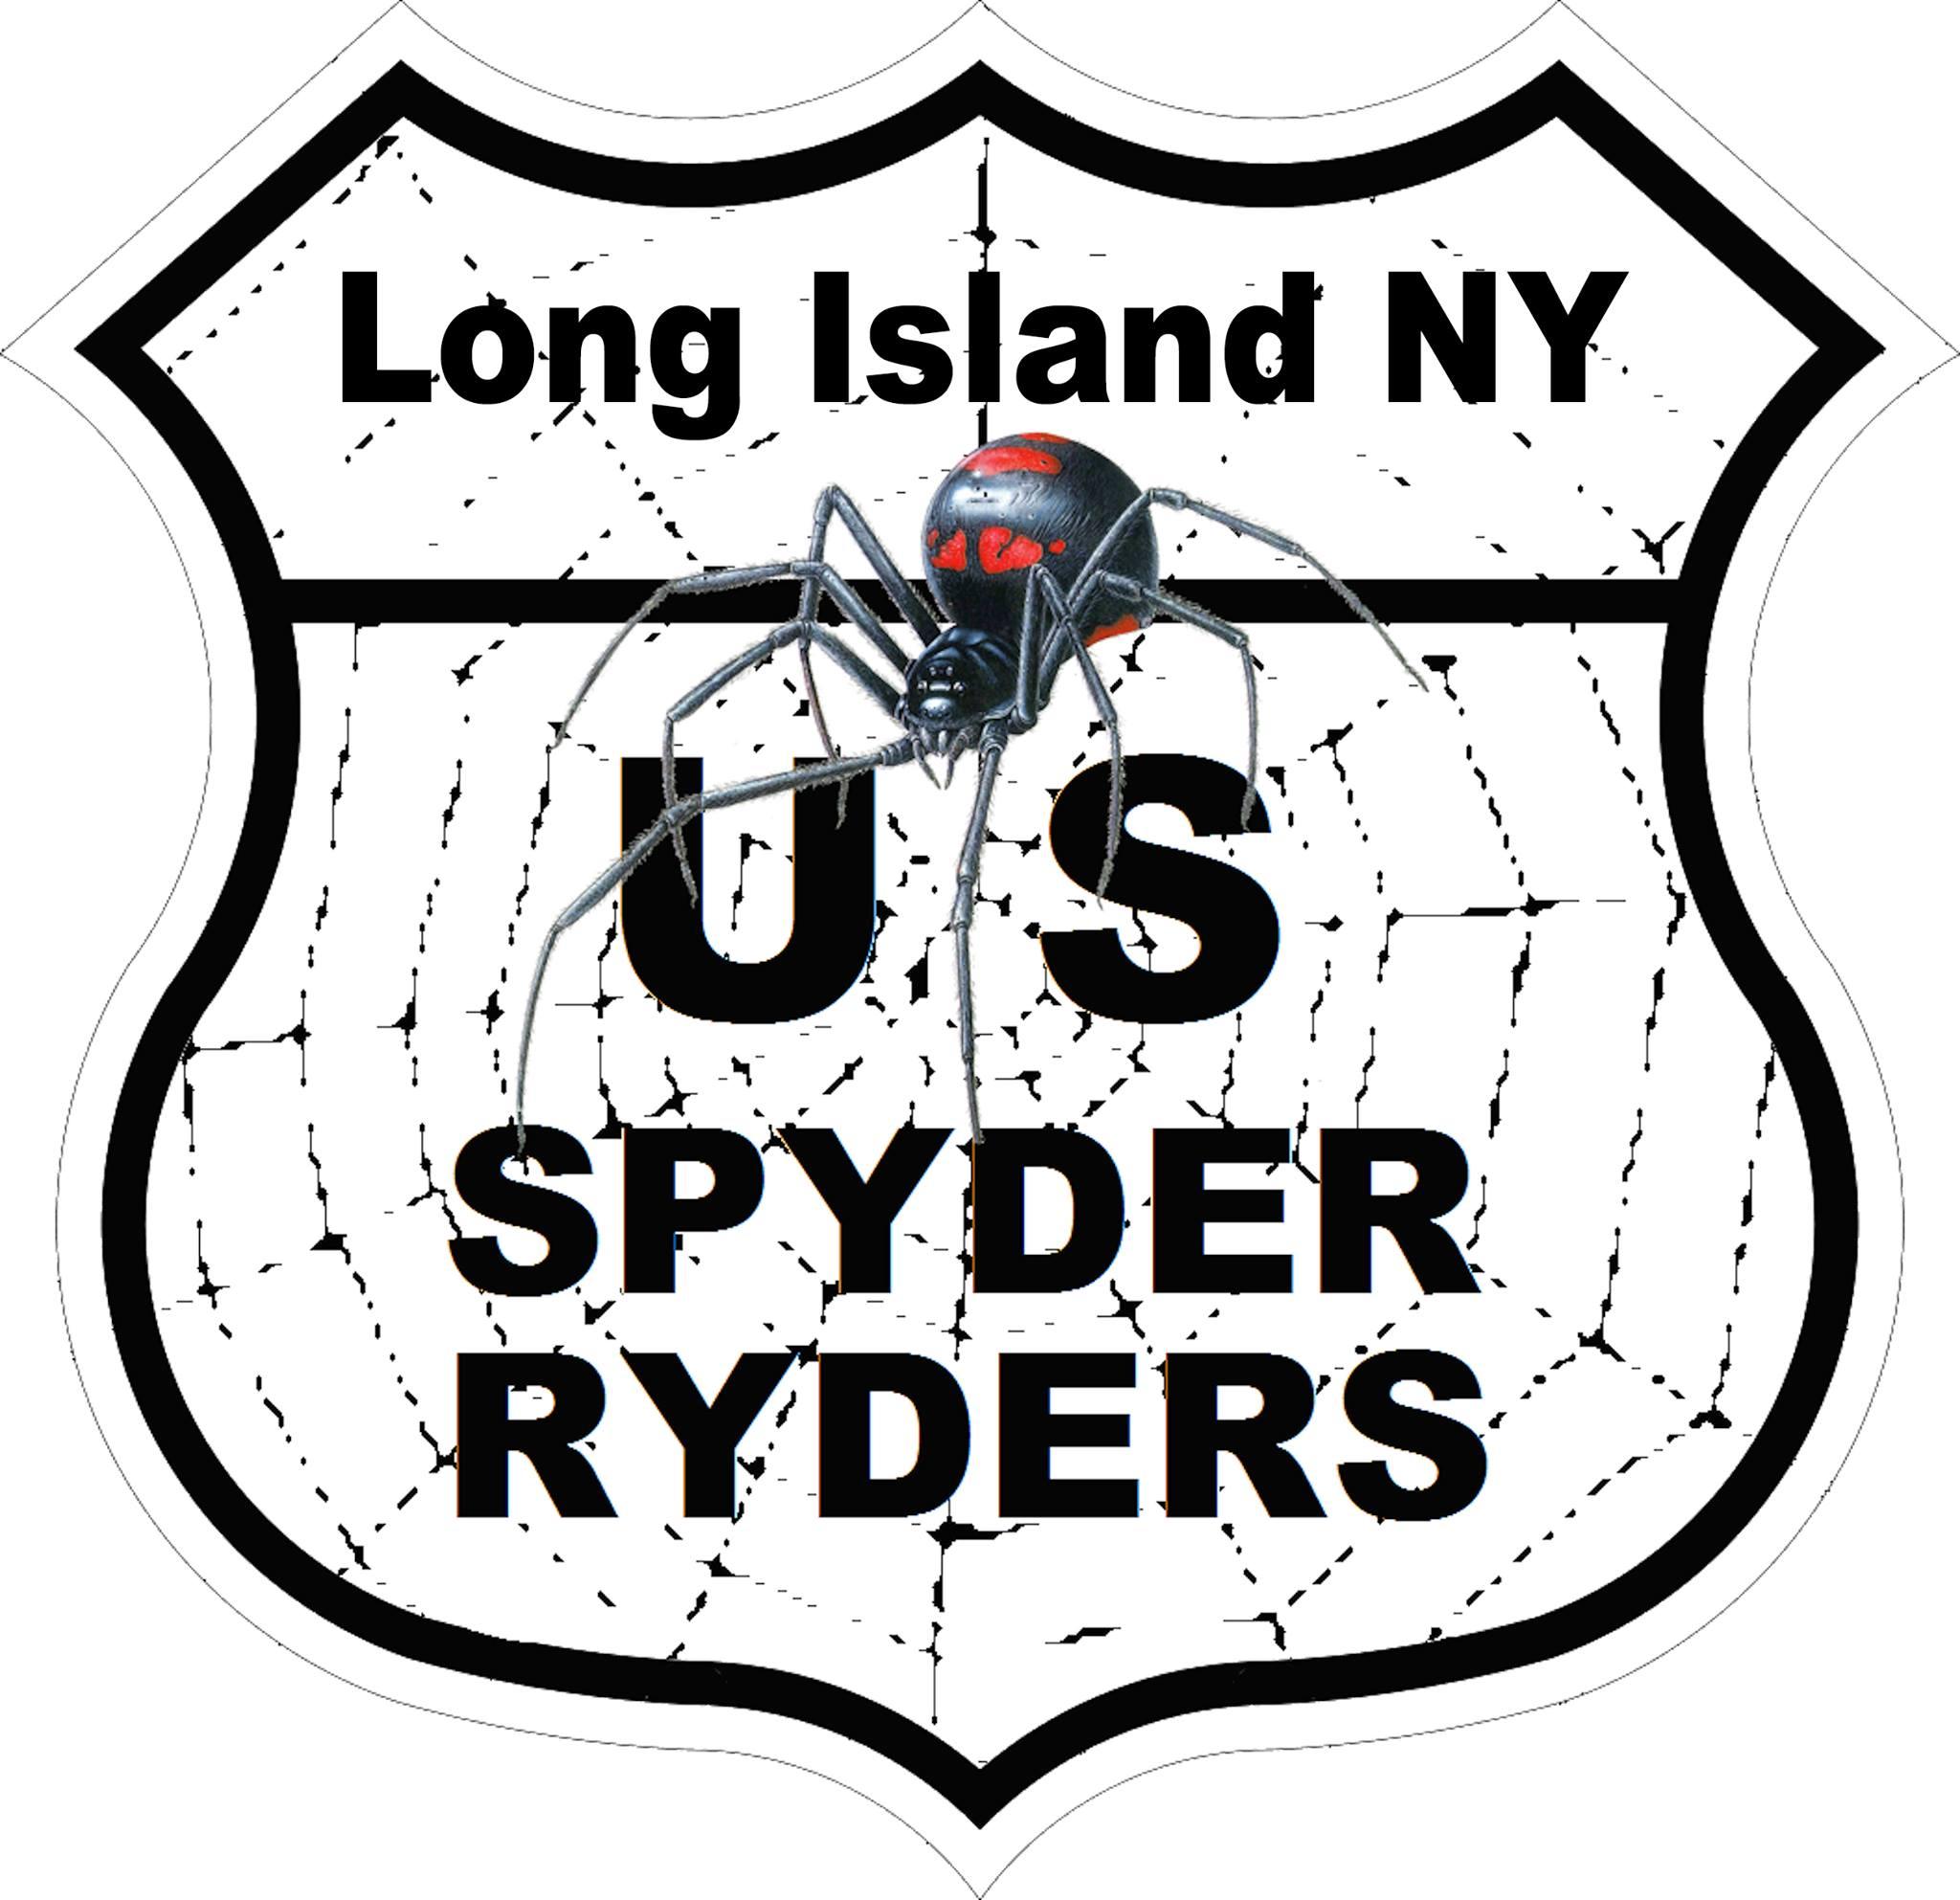 NY-LongIslandNY.jpg